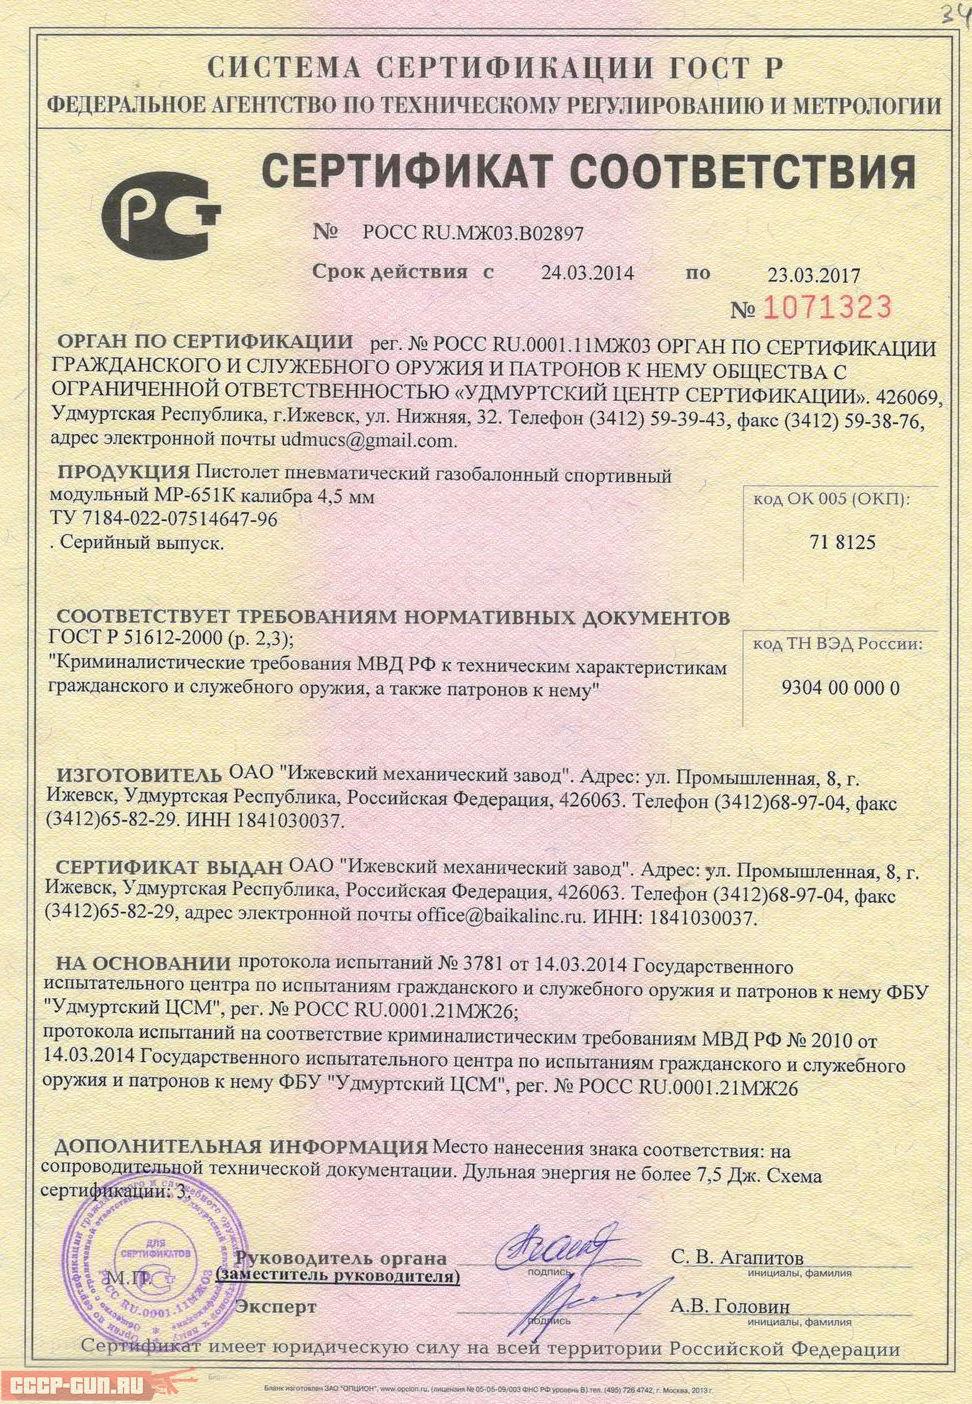 Сертификат на пневматический пистолет МР 651К скачать